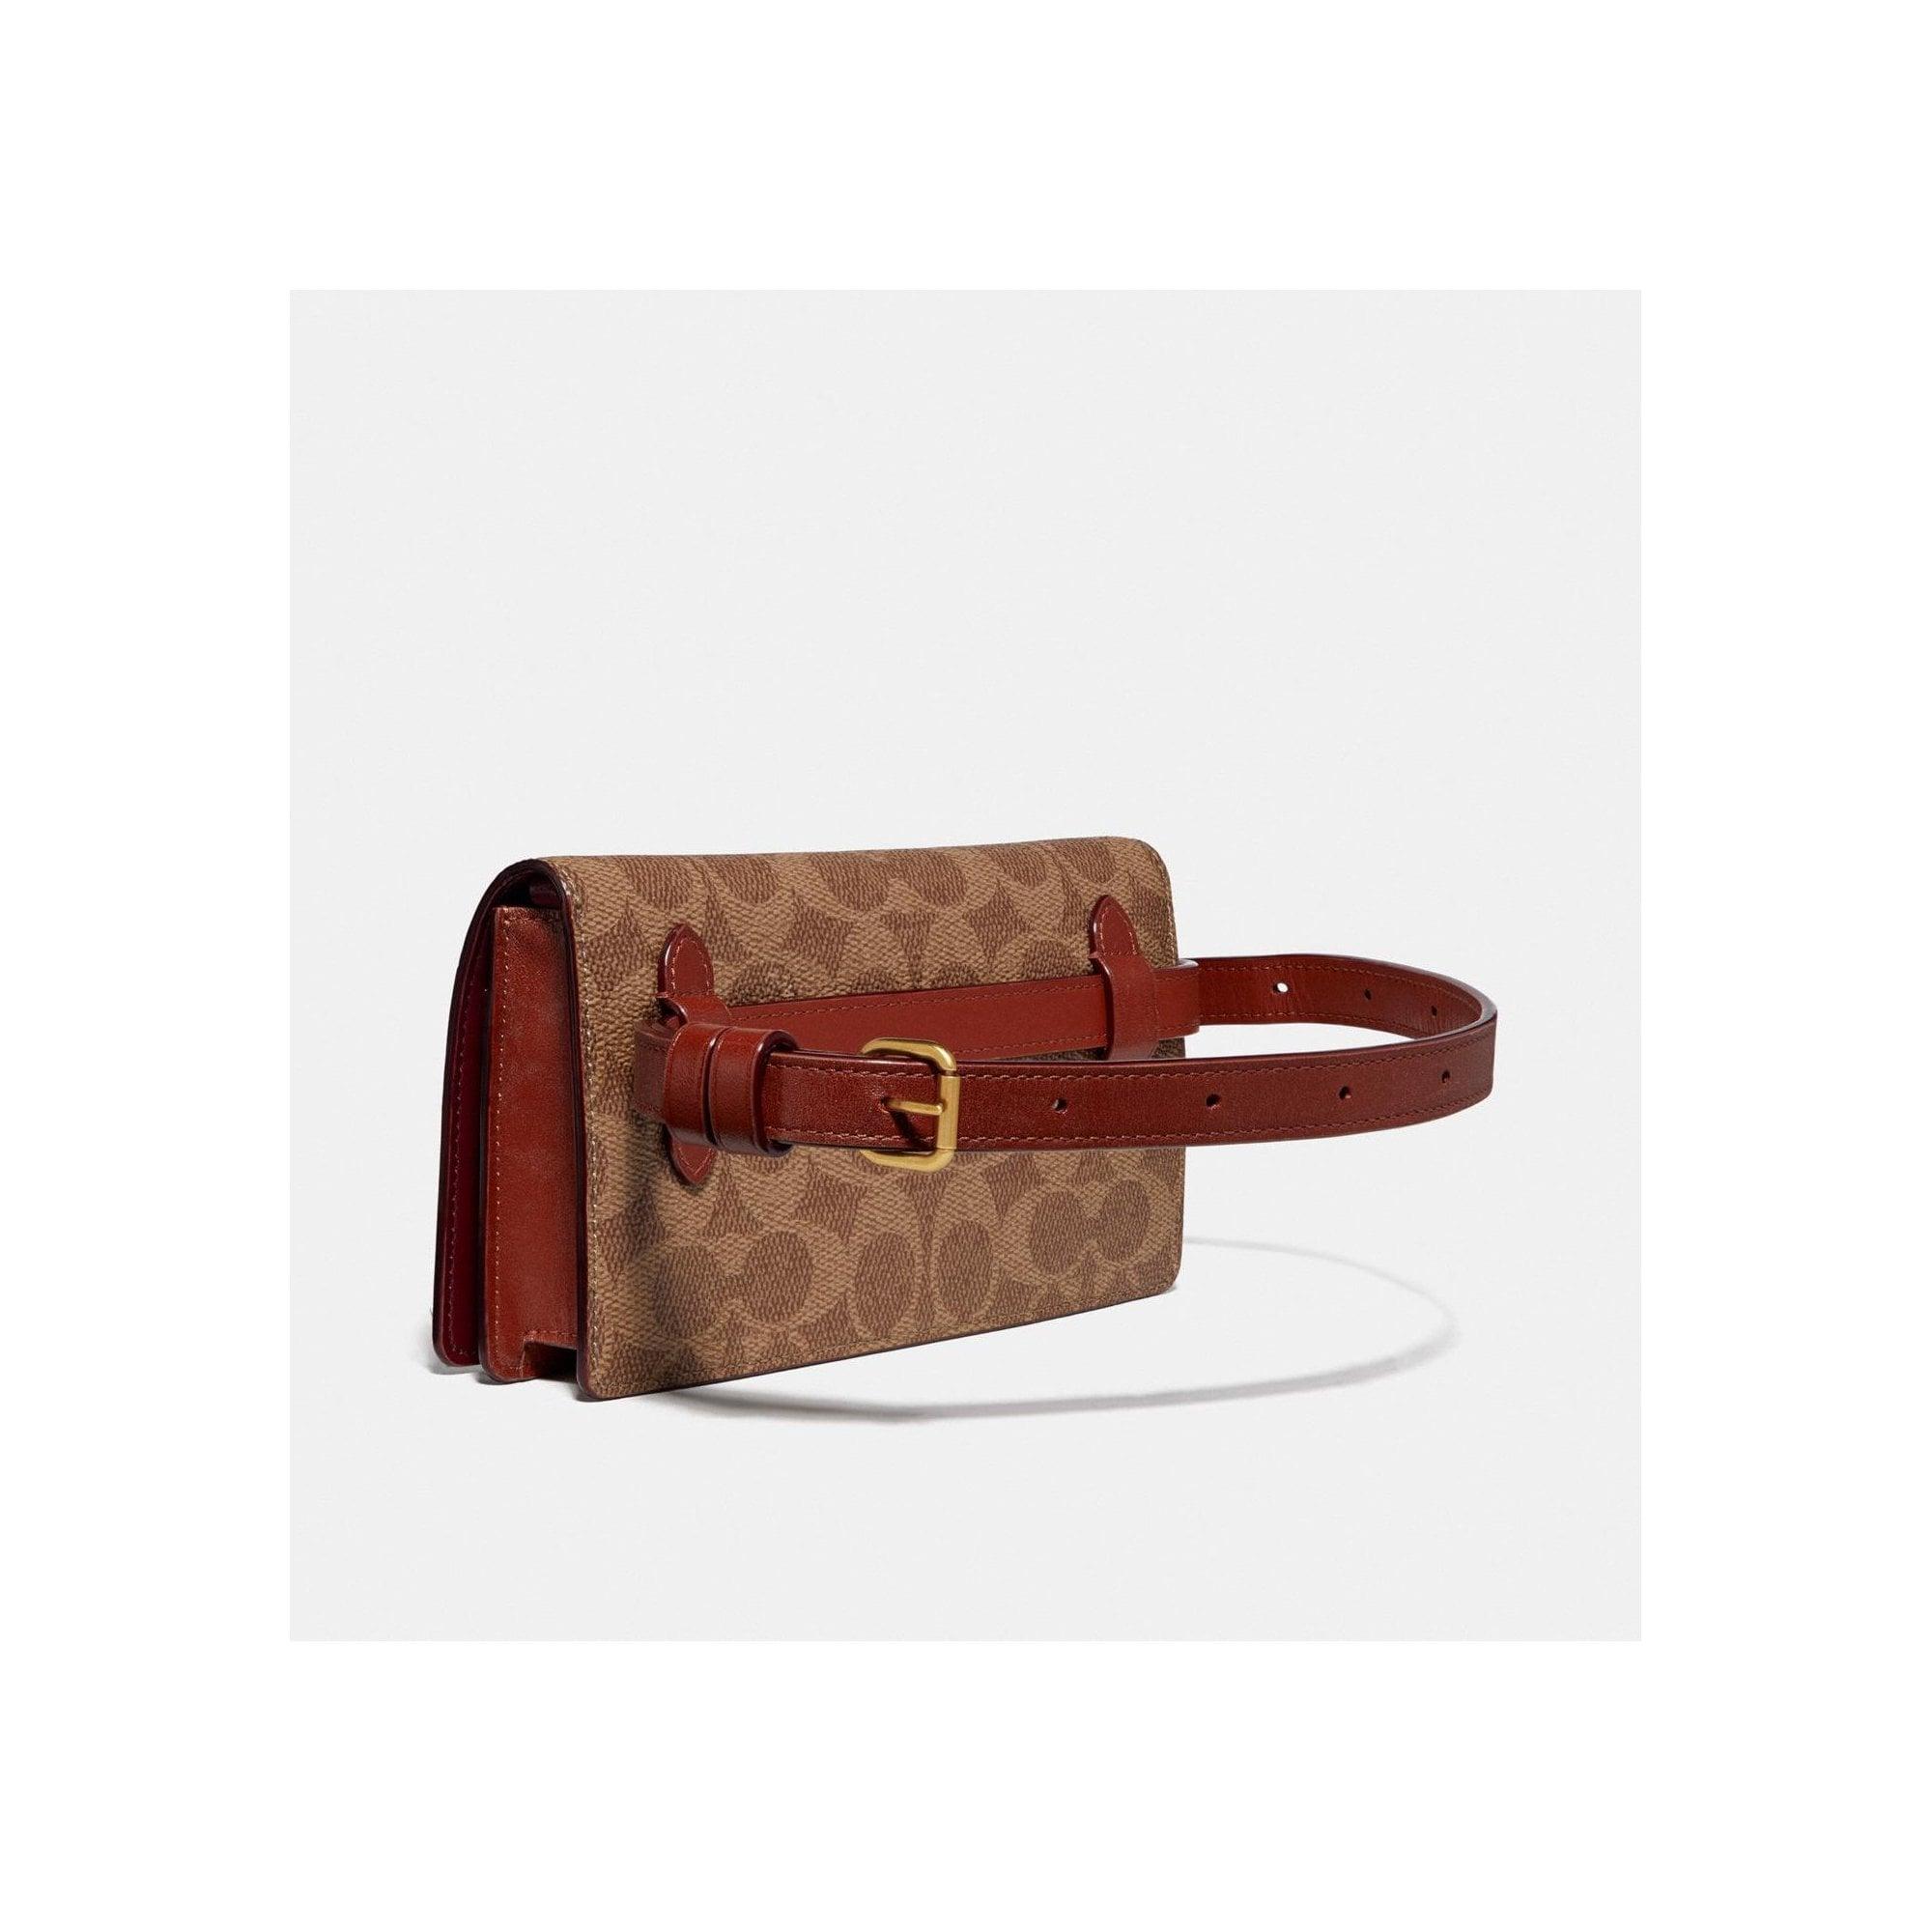 Signature Convertible Belt Bag In Tan Rust